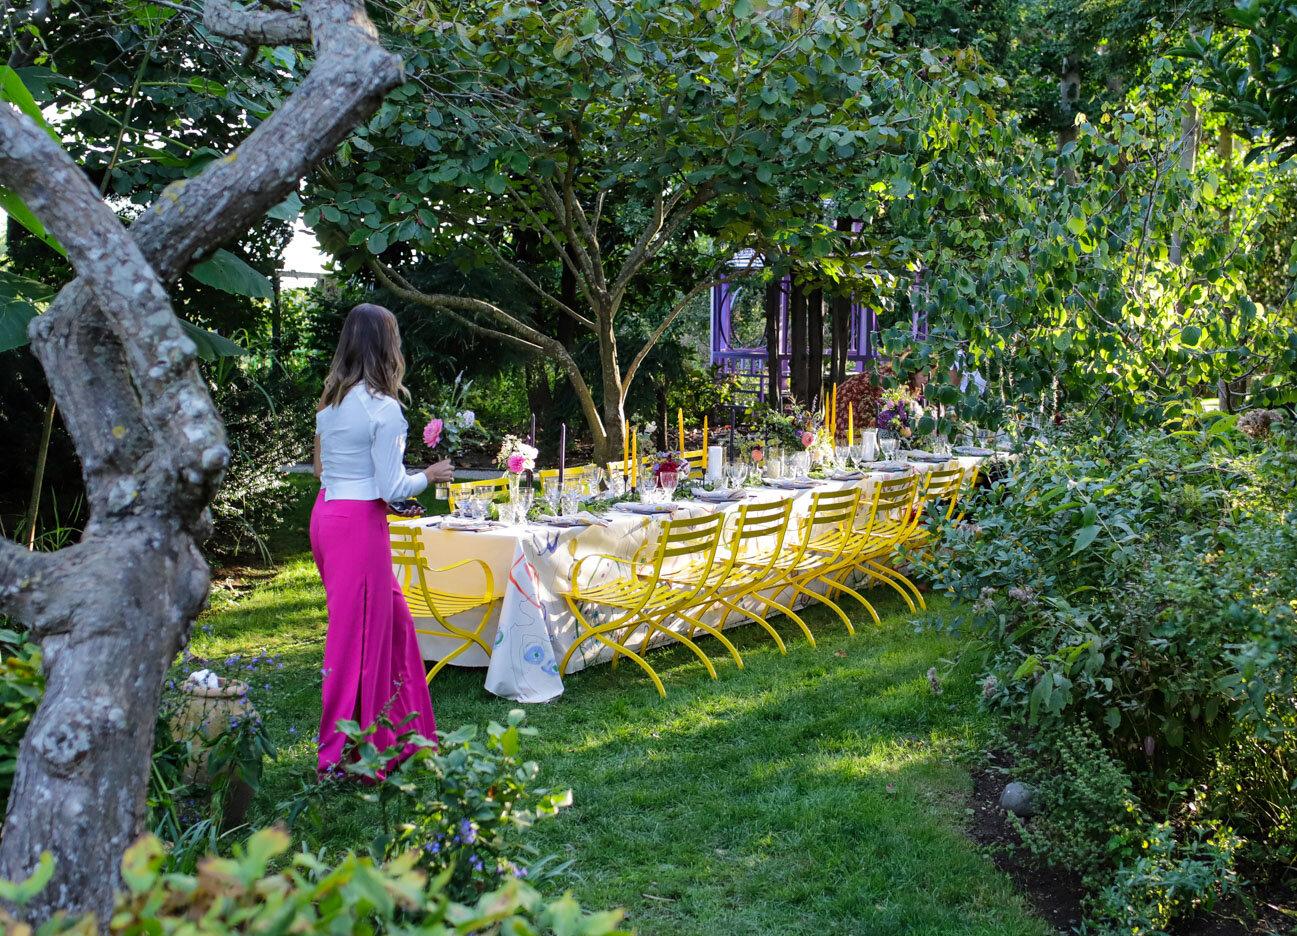 entertaining_garden_dinner_party-16.jpg